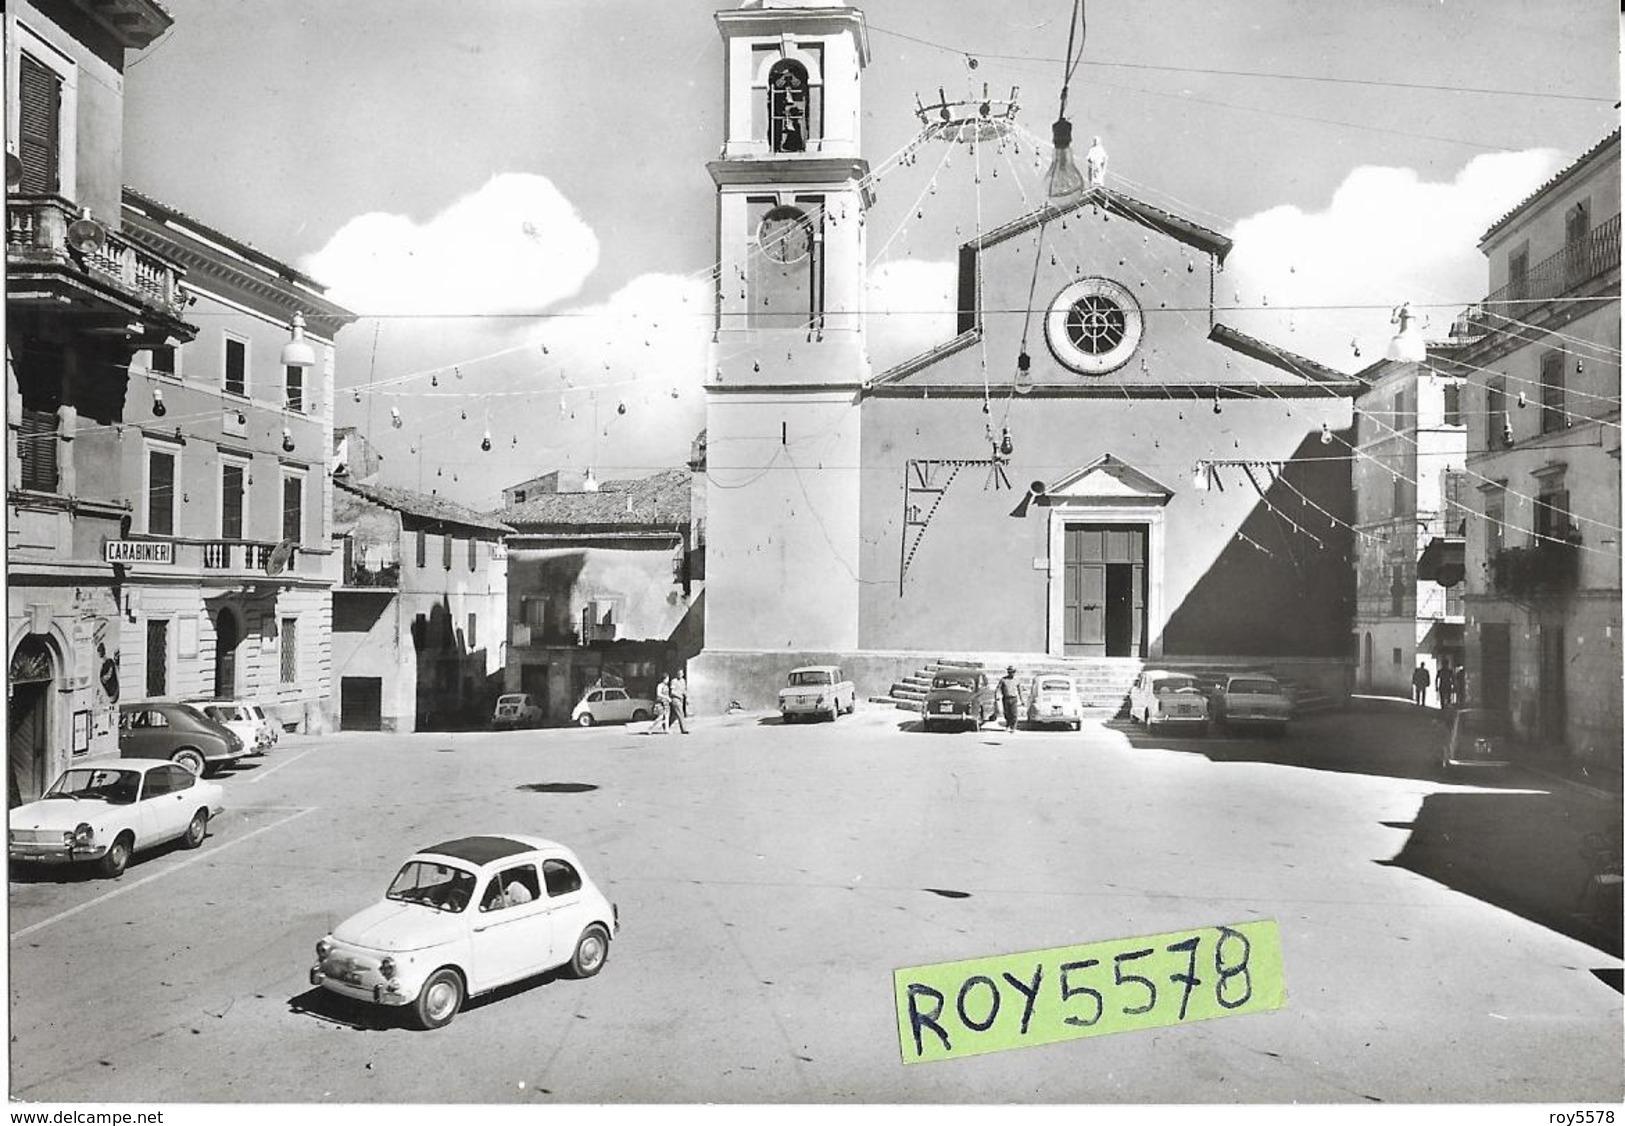 Lazio-roma-fiano Romano Piazza Vittorio Emanuele Veduta Piazza Chiesa Caserma Carabinieri Diverse Auto Epoca Case - Italia